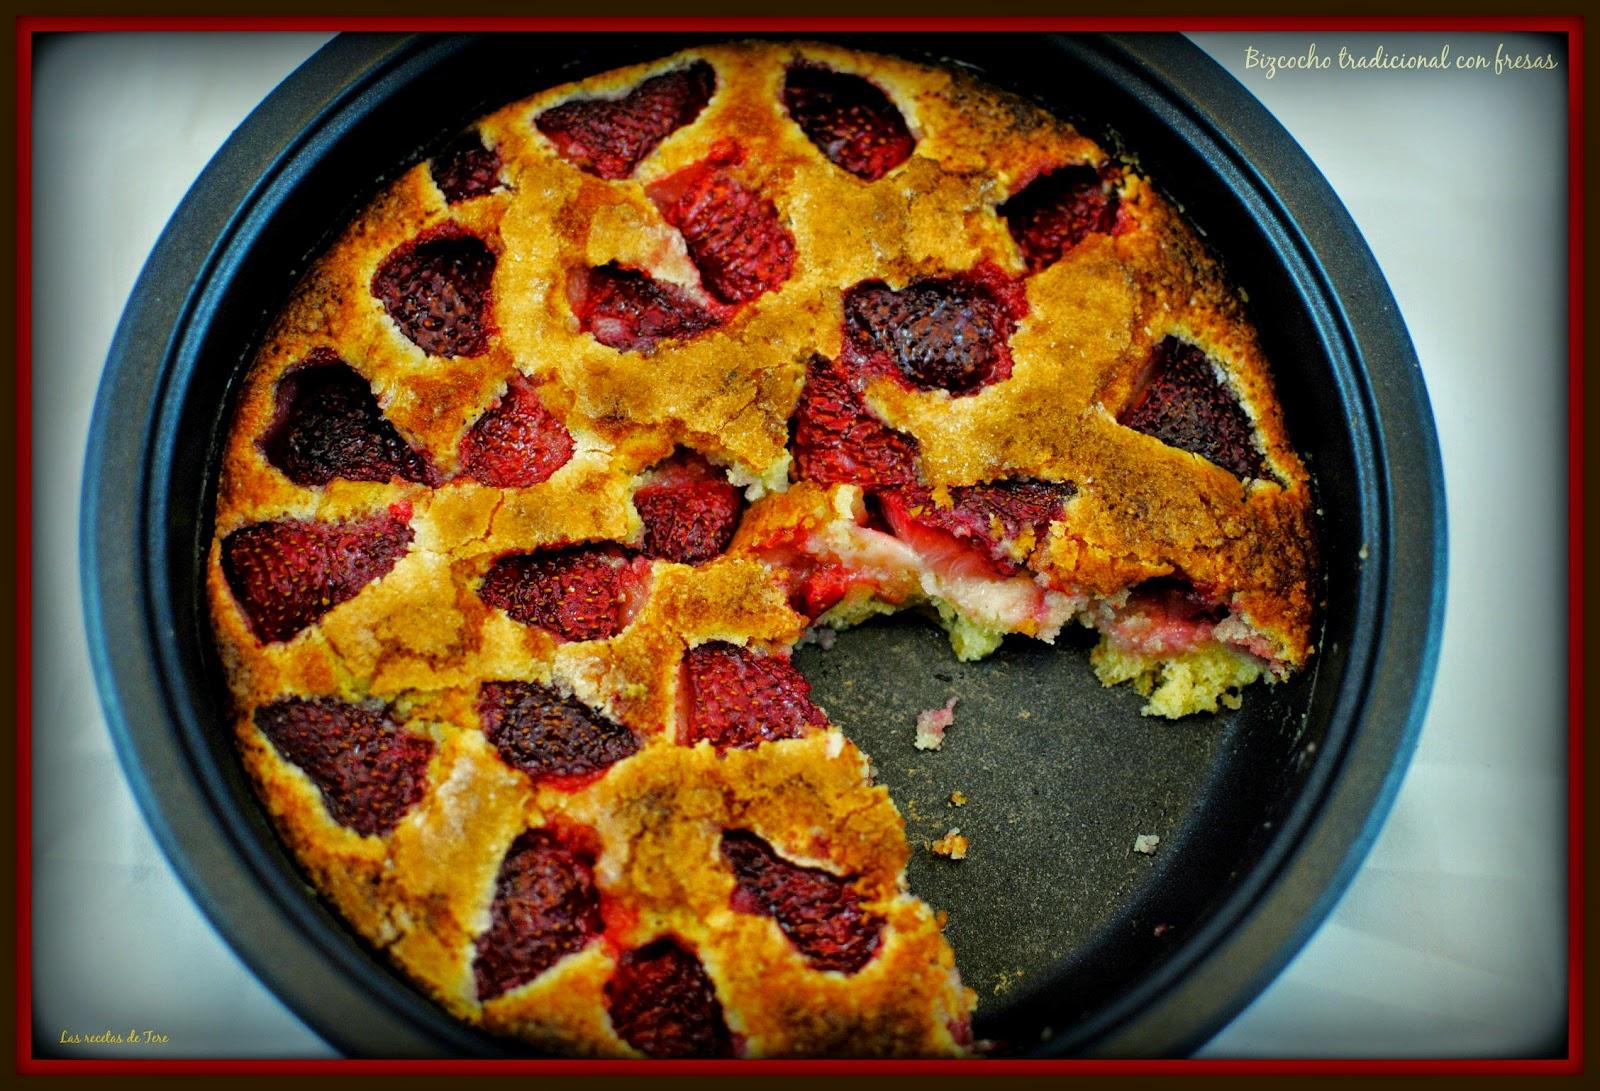 bizcocho tradicional con fresas tererecetas 04